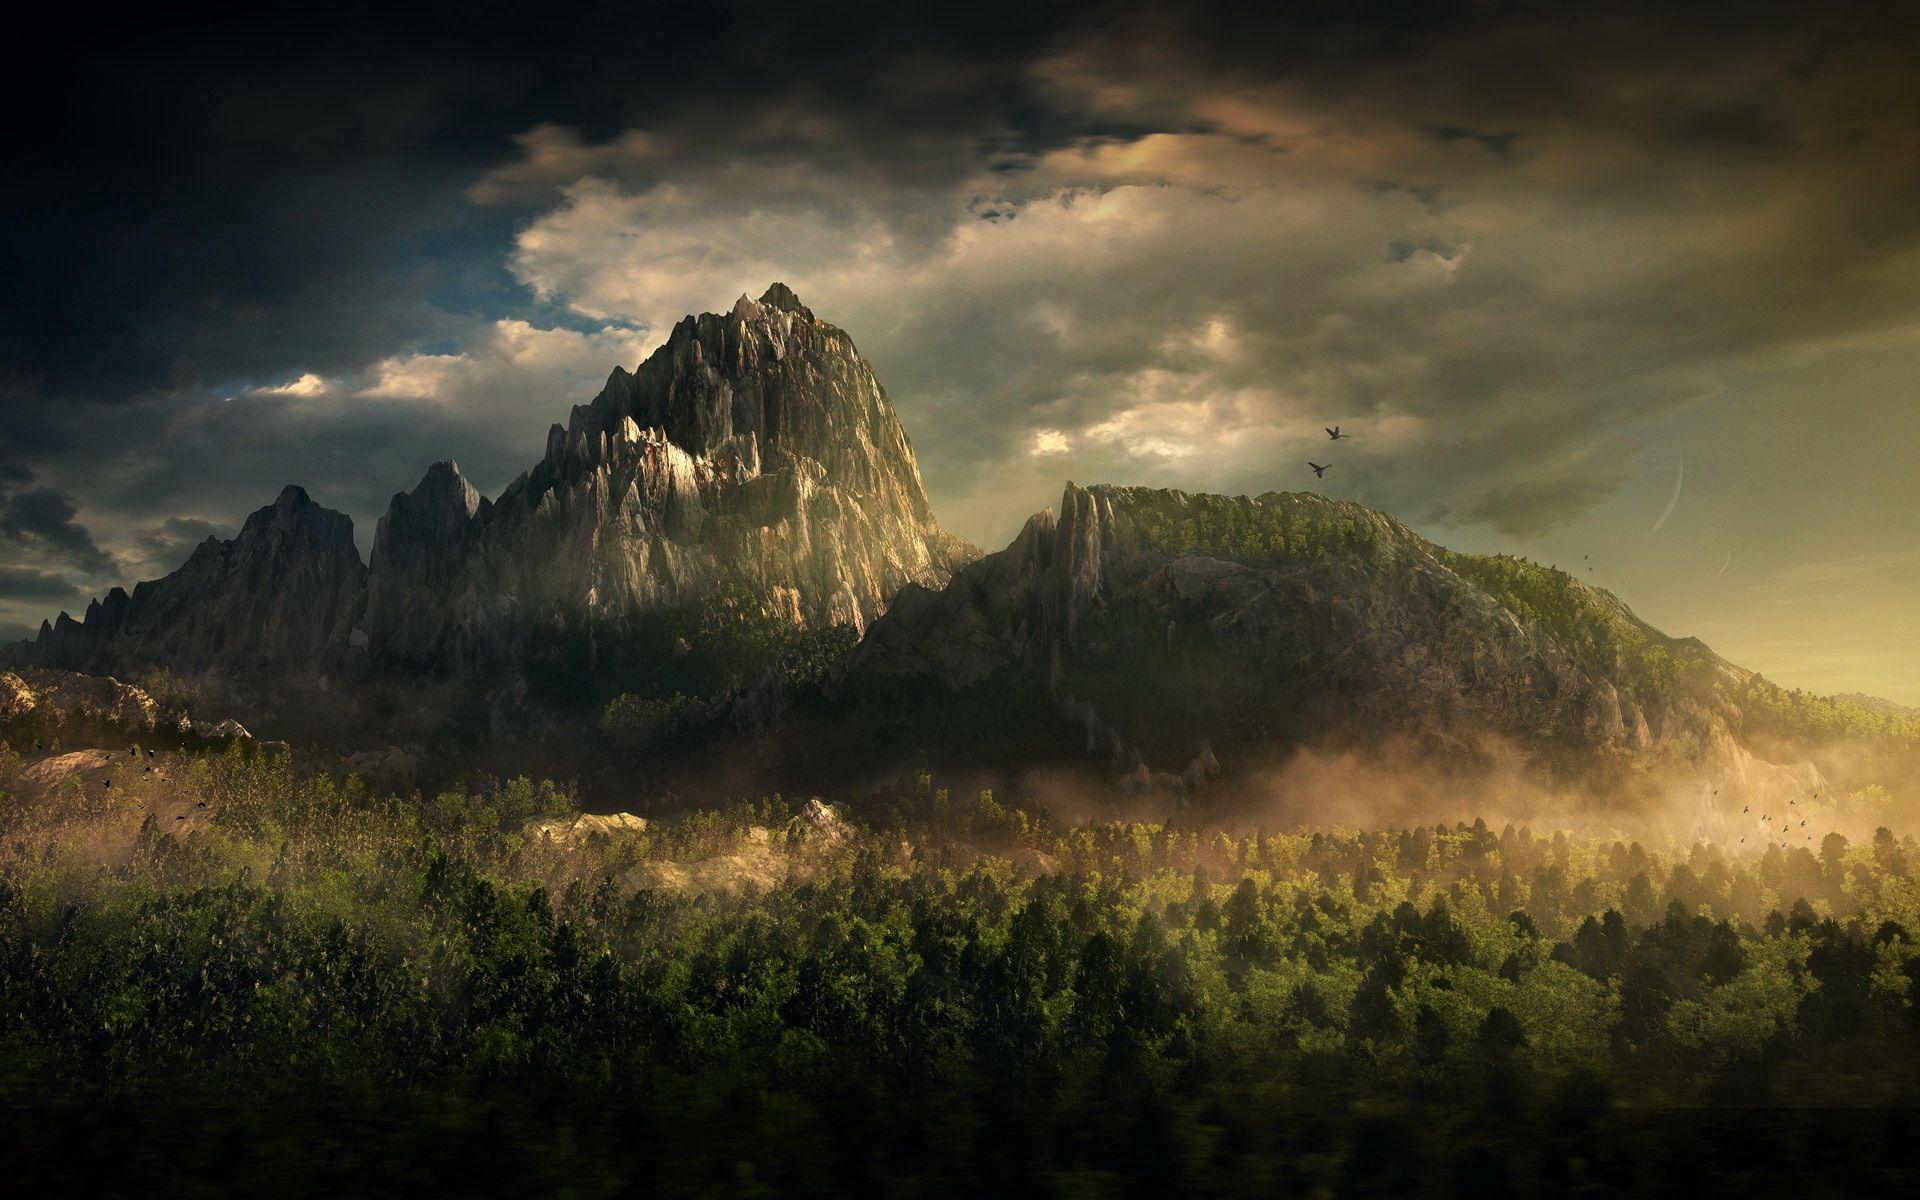 71871 скачать обои Птицы, Горы, Природа, Деревья, Облака, Туман, Вершины - заставки и картинки бесплатно